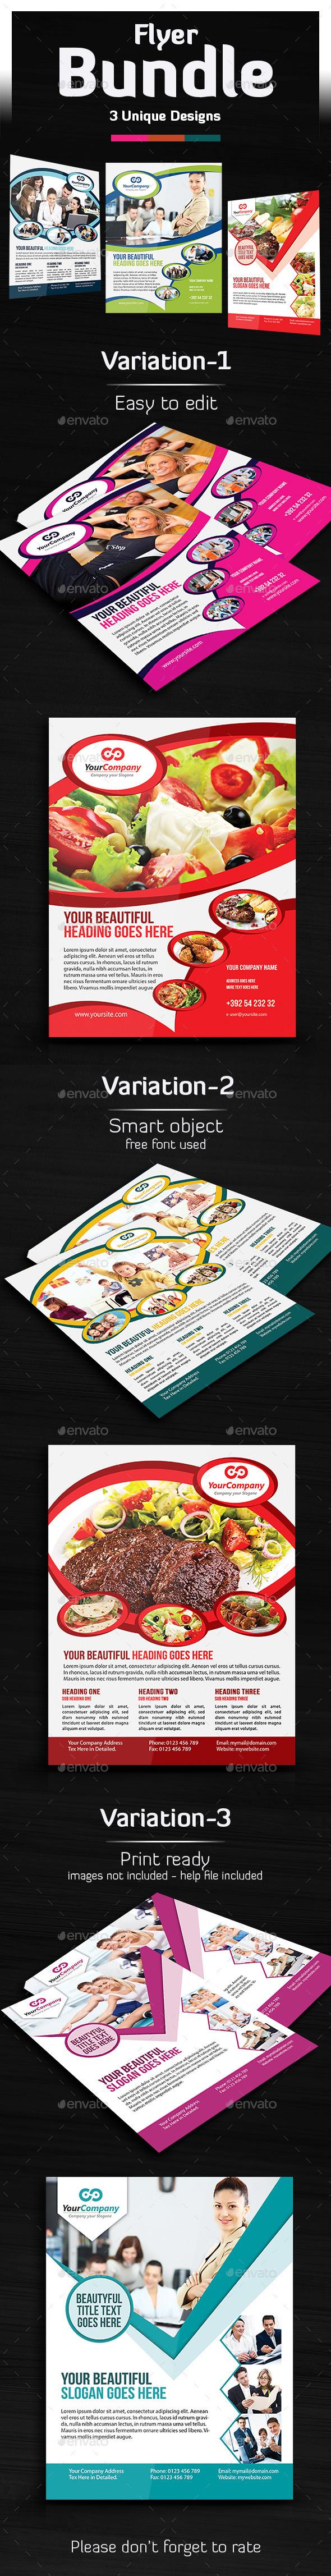 GraphicRiver Flyer Bundle 10606913